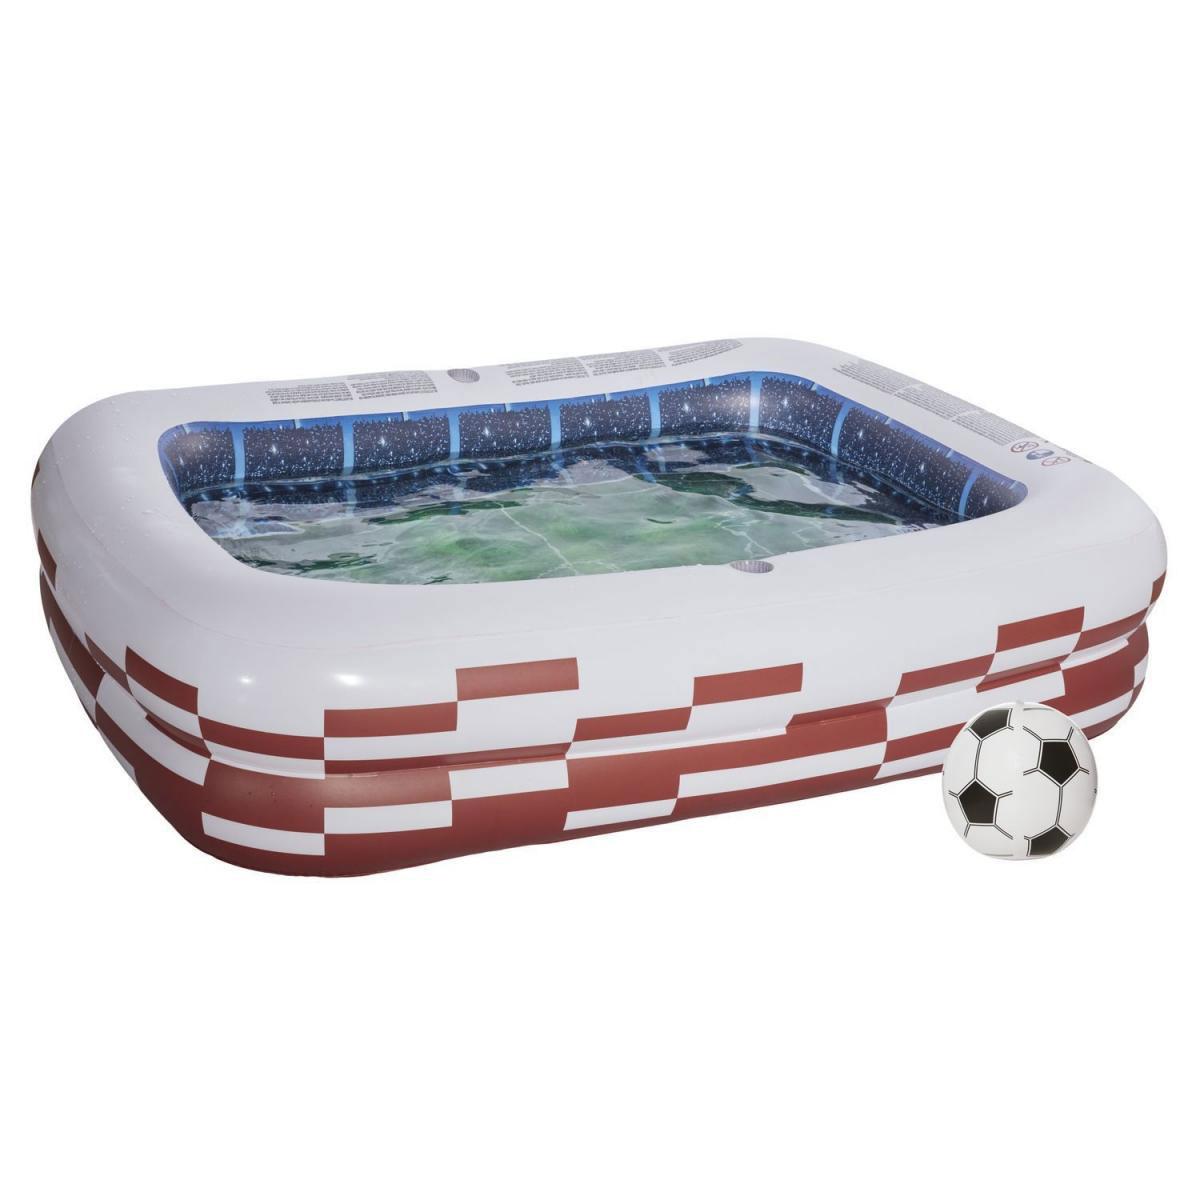 """Pools und Schwimmbecken - Family Pool """"Stadion"""", ca. 200x150x50 cm  - Onlineshop Hellweg"""